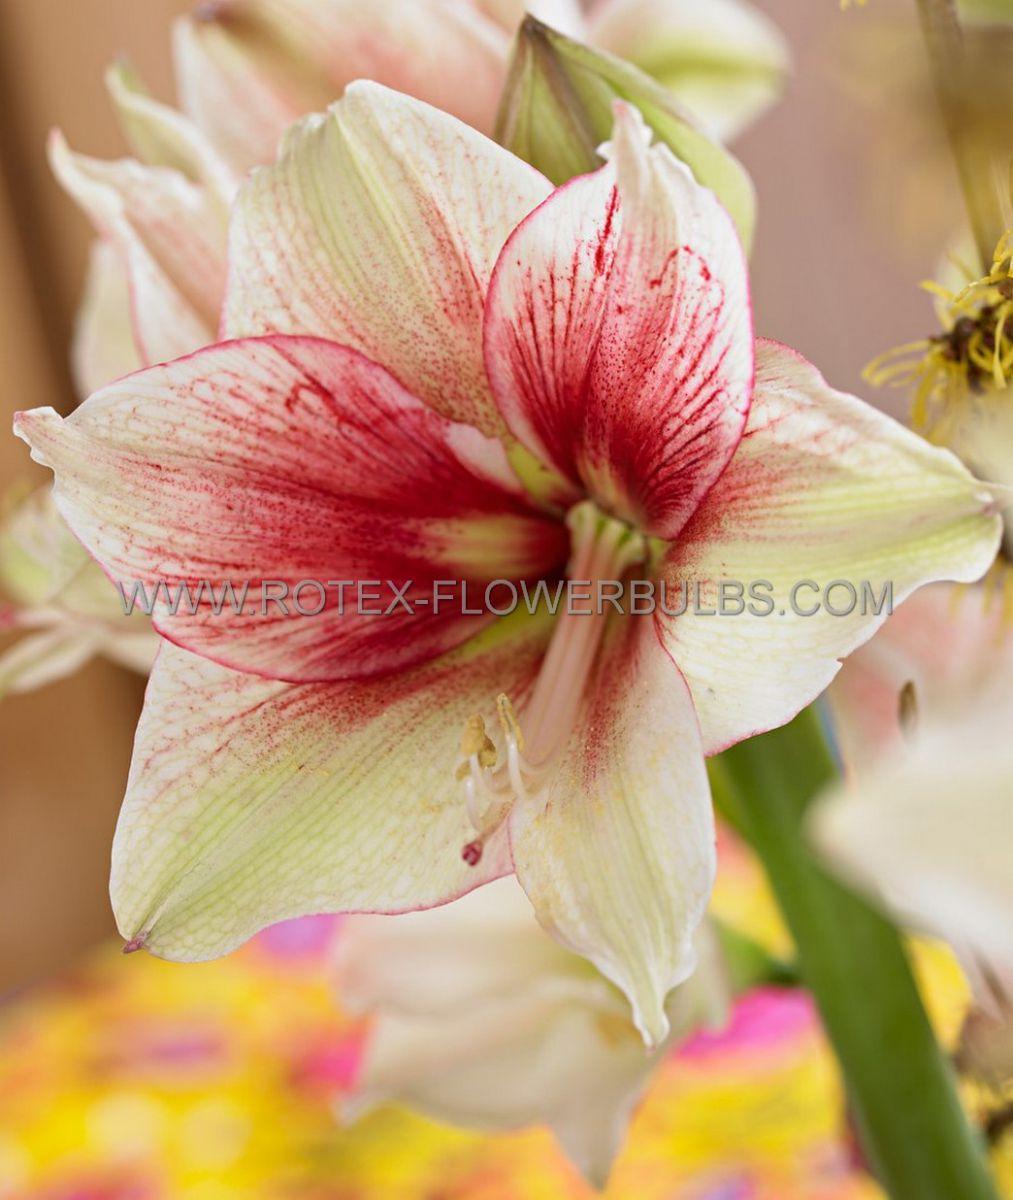 hippeastrum amaryllis unique large flowering tosca 3436 cm 6 popen top box